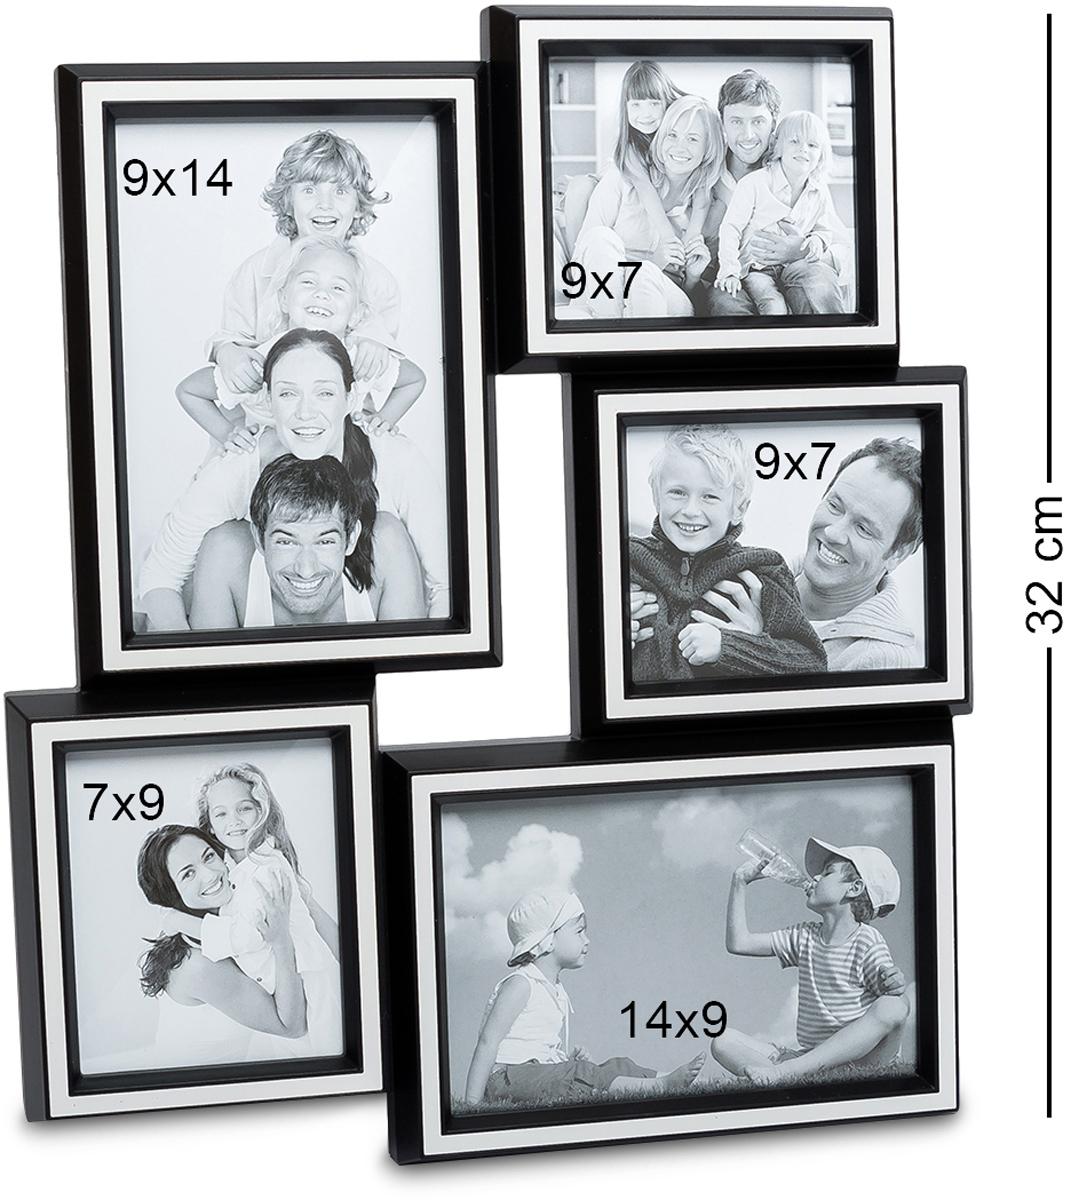 Панно из фоторамок Bellezza Casa Семейная история, на 5 фото: 10х15, 9х7, 7х9, 15х10. CHK-159CHK-159Панно из фоторамок для фотографий 10х15, 9х7, 7х9, 15х10 см. Наш мир с каждым поколением радикально меняется, меняются стереотипы поведения, модели отношений между людьми, изменяется шкала ценностей. Но лишь одно остается неизменным – семья, родители, дети. Эта традиция веками проходит через каждого человека. Фоторамка Семейная история, рассчитанная на 5 фотографий, поможет всегда помнить о своих корнях – родителях, о продолжении своего рода – наших детях. Благодаря тому, что такая фоторамка очень просто крепится к любой стене, она не займет много места, и в то же время – все семейные ценности будут всегда перед глазами. Теперь можно не расставаться со своей семьей даже на работе. Кроме того, такая рамка – это отличный подарок на юбилей или день рождения, День Влюбленных или Новый год. Ничто ни ценится так дорого – как семья и близкие сердцу родные люди.